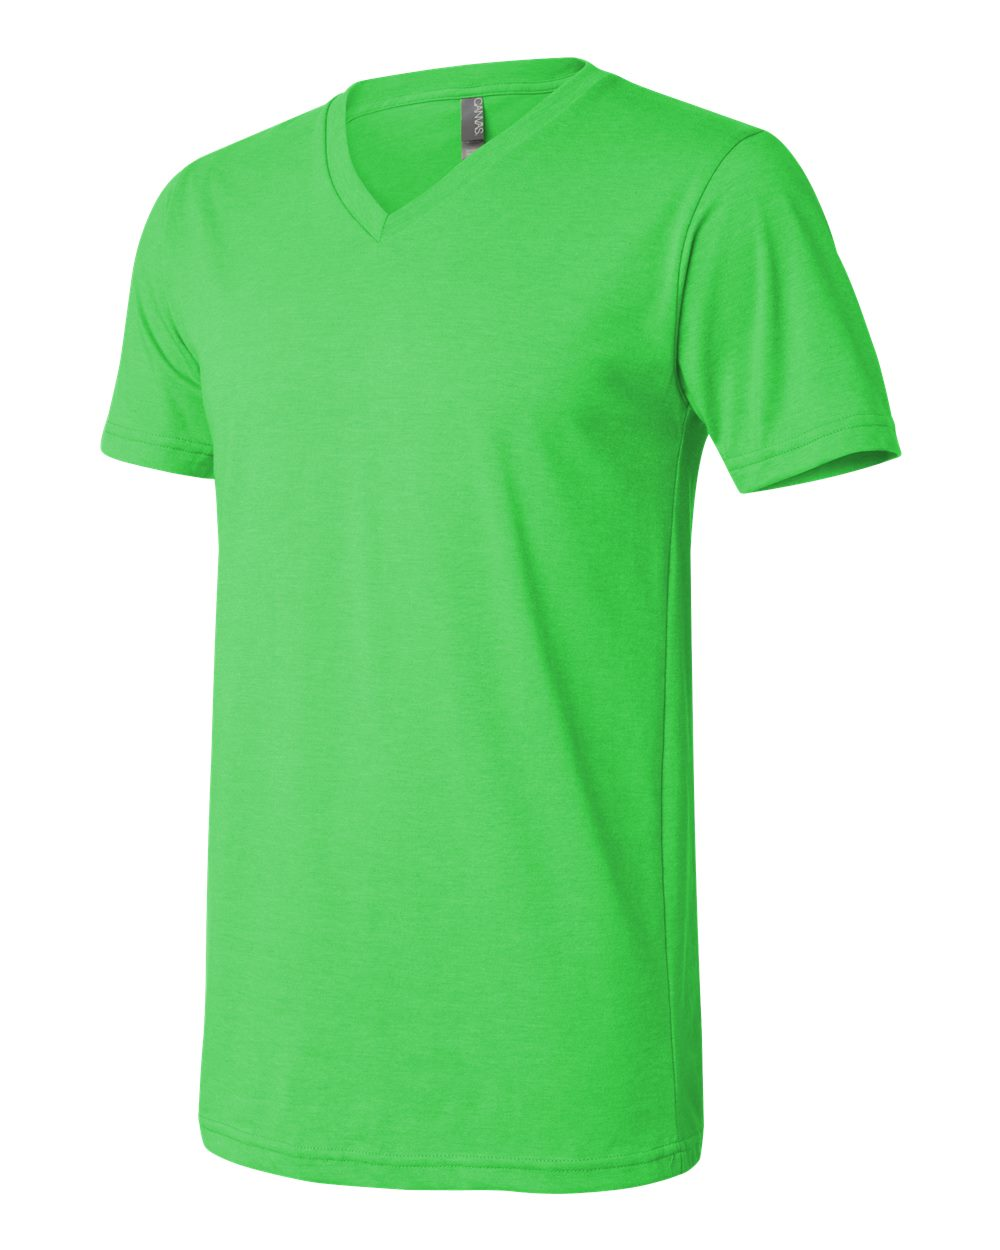 Bella-Canvas-Men-039-s-Jersey-Short-Sleeve-V-Neck-T-Shirt-3005-XS-3XL thumbnail 9